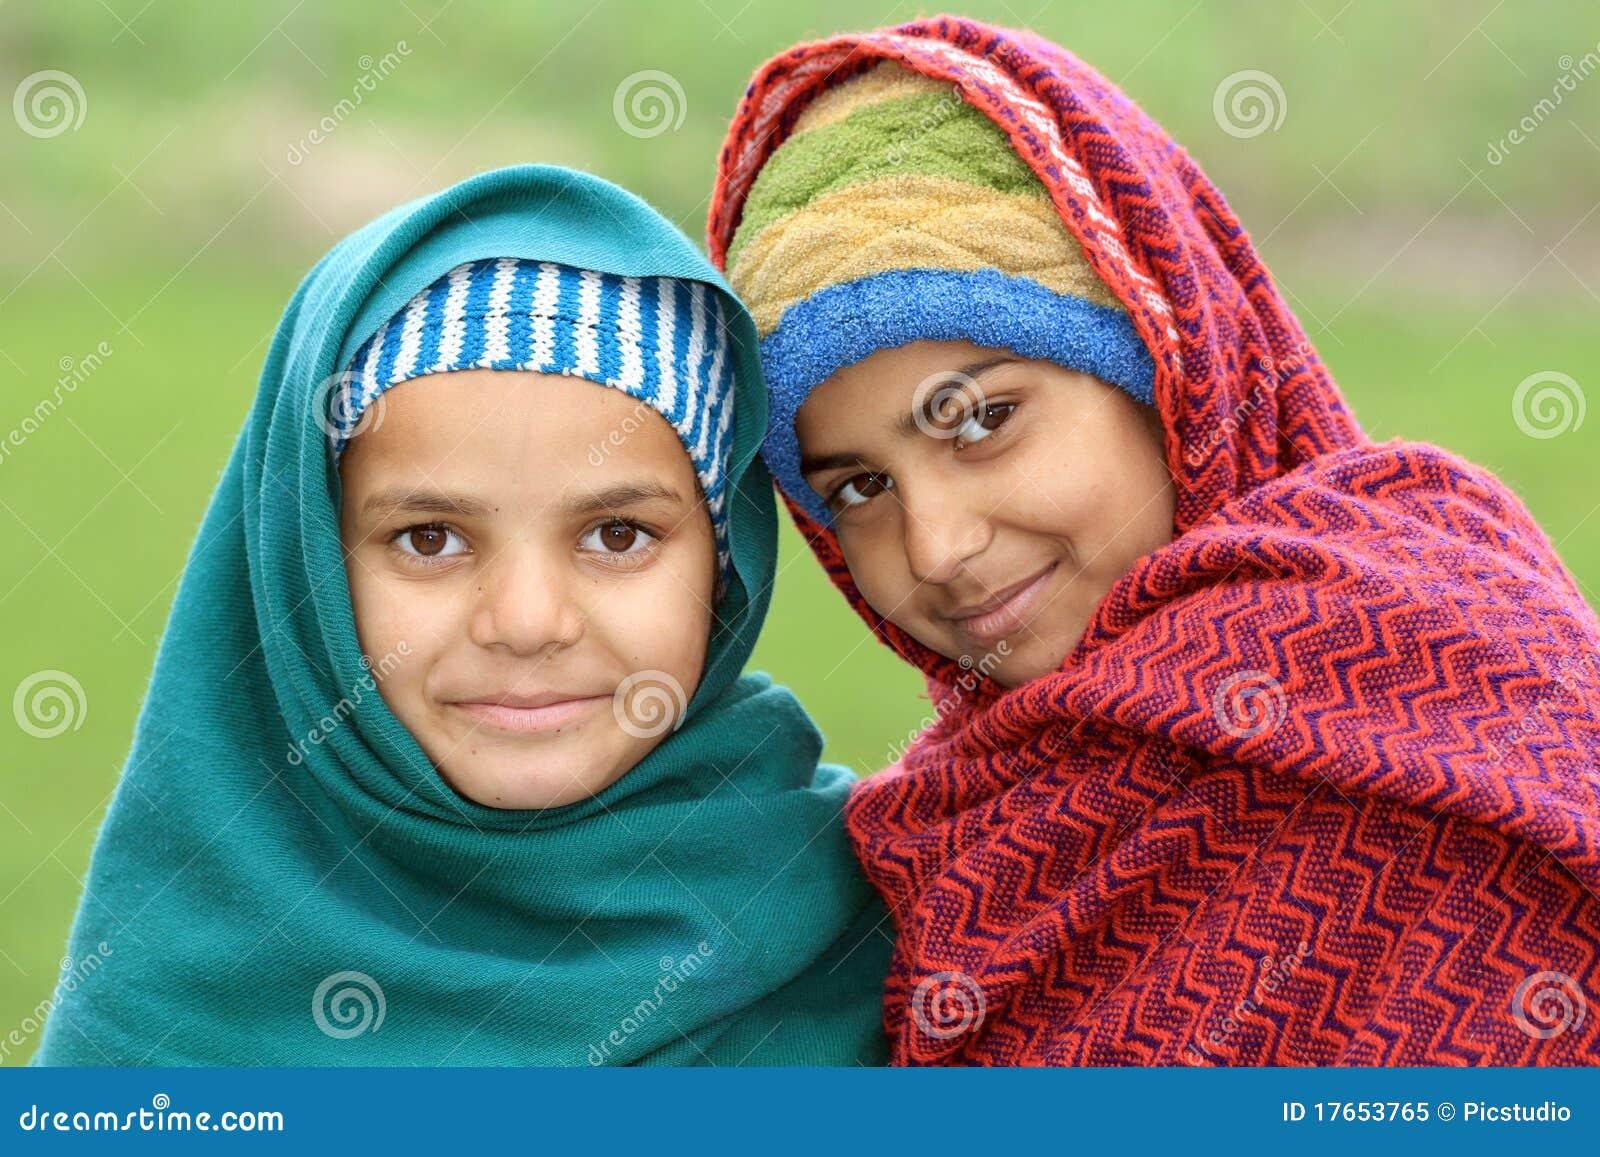 afghan girl p o r